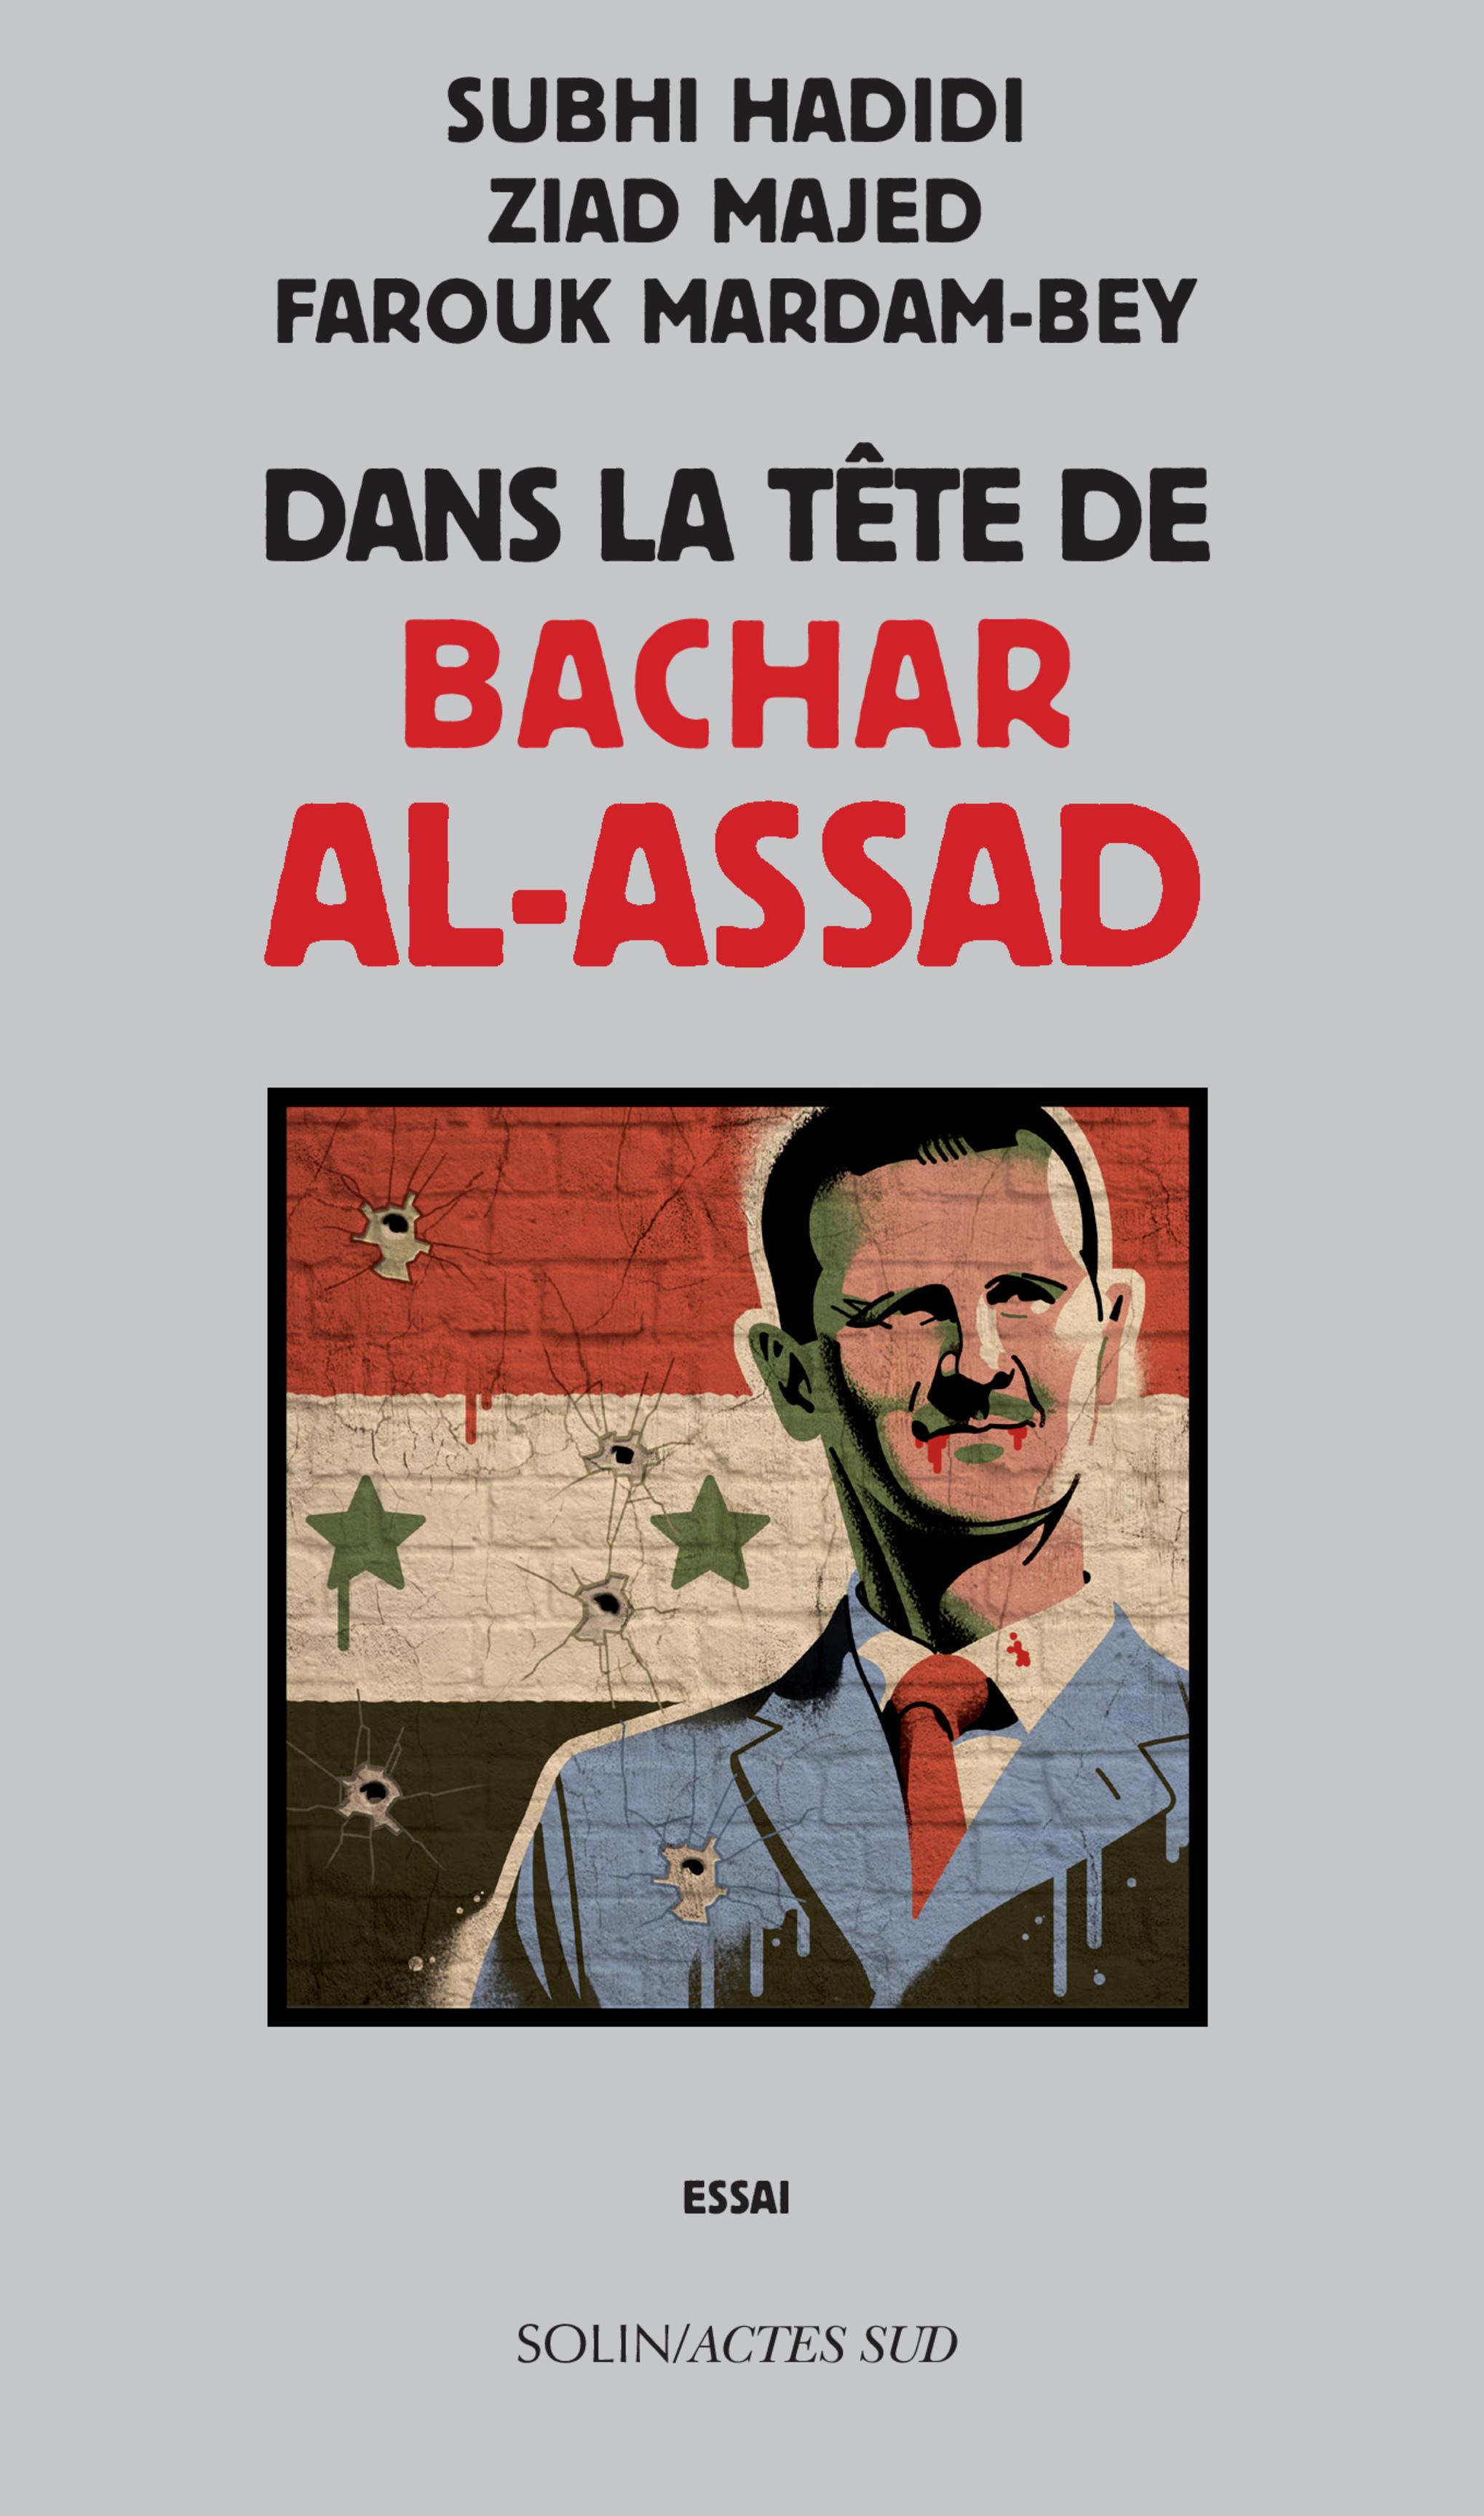 Dans la t?te de Bachar al-Assad